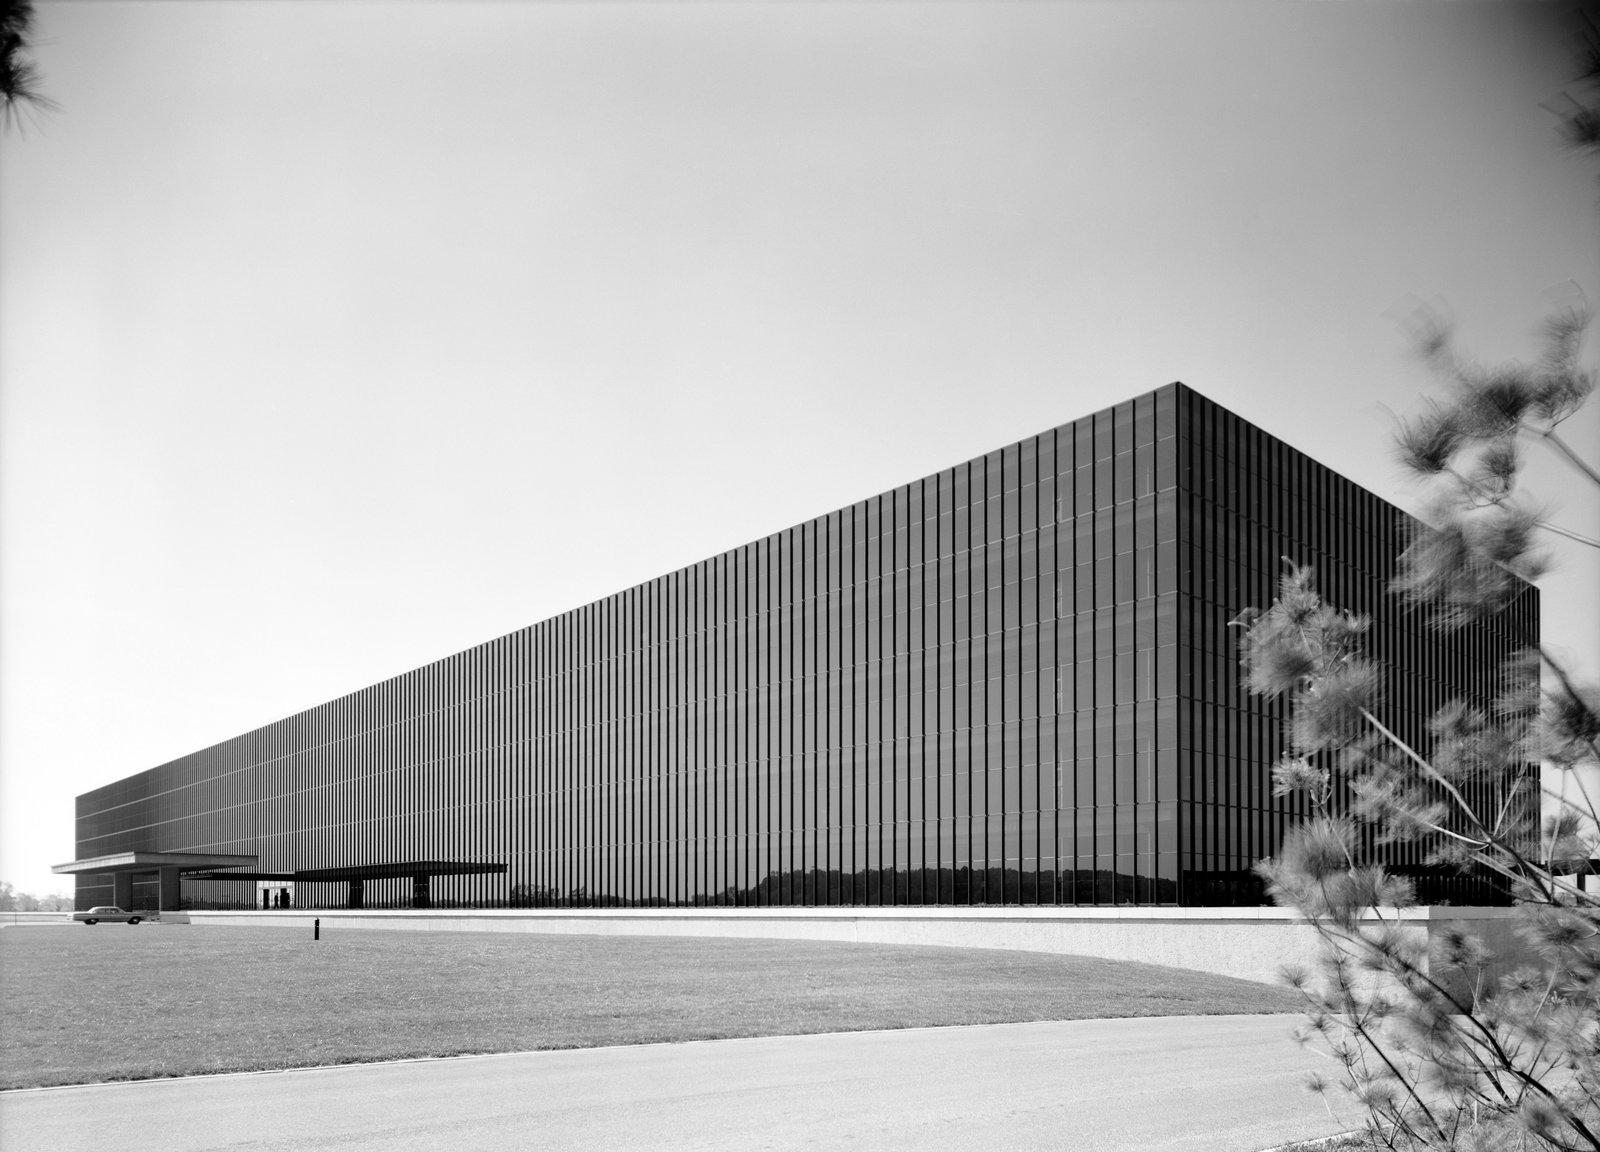 Eero Saarinen's Giant 1957 Masterpiece in New Jersey Restored and Reimagined